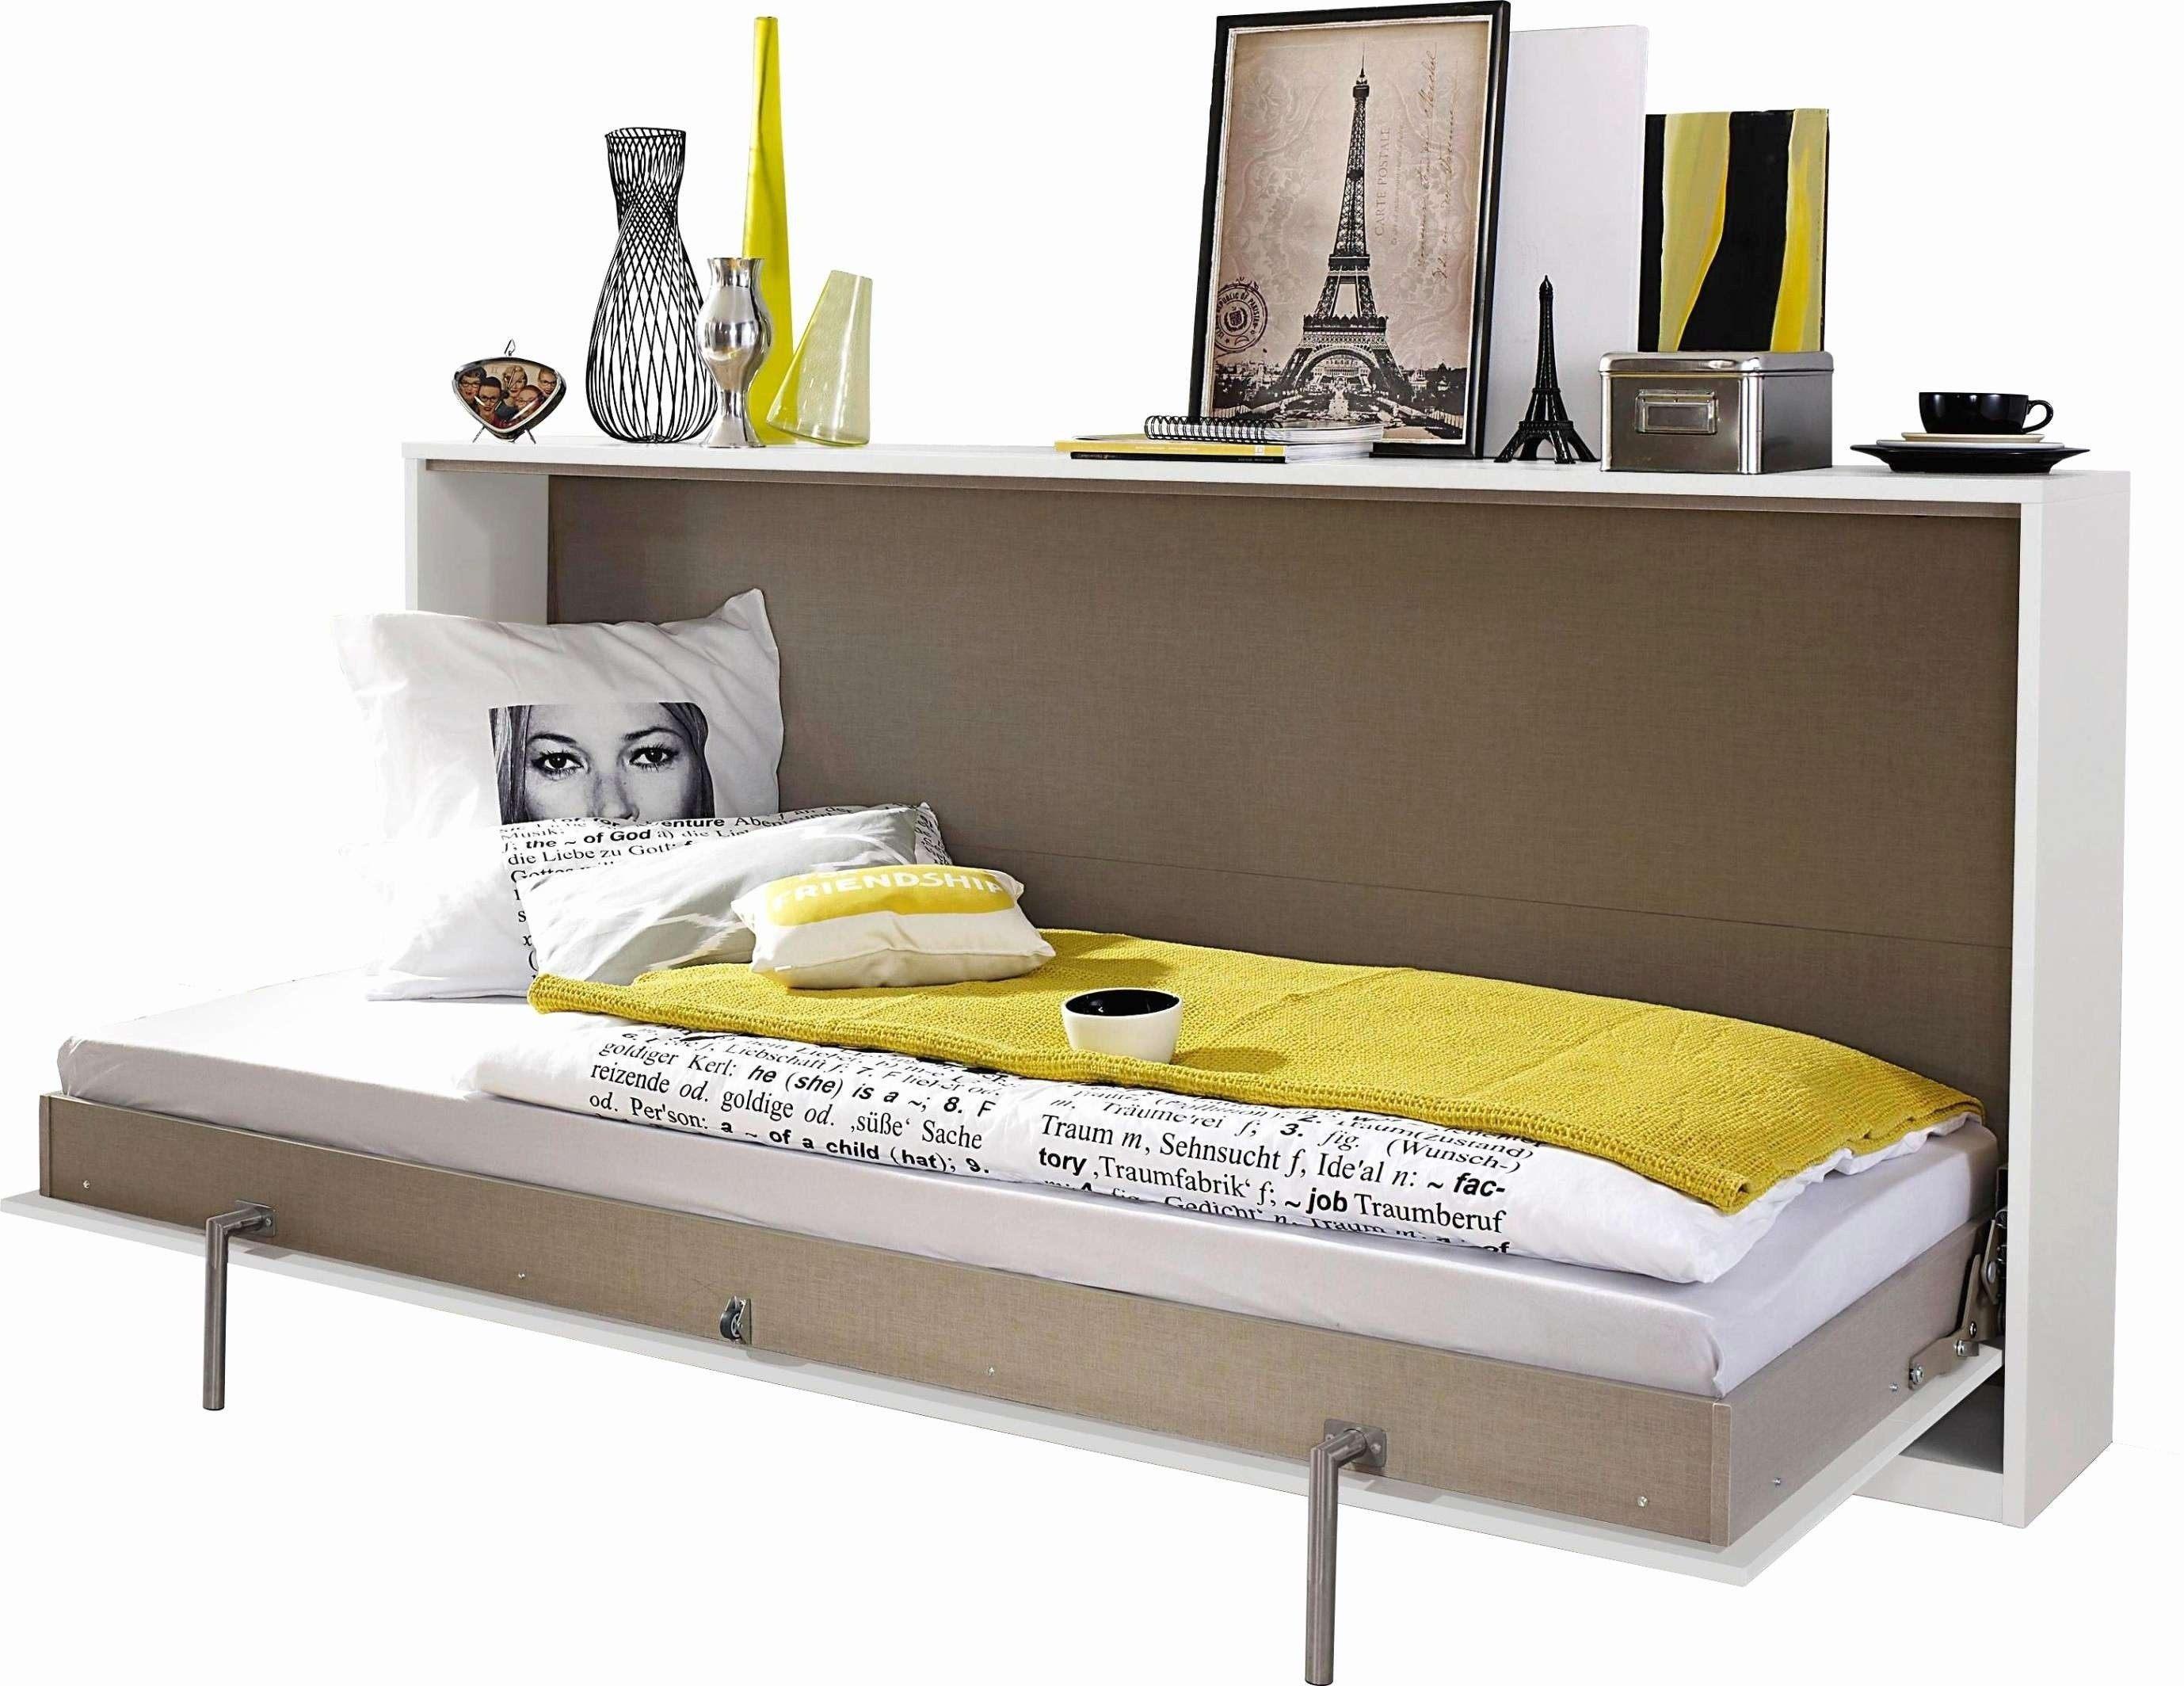 Lit Electrique 160x200 Joli Lit Design 160—200 Elégant S Lit sommier Matelas 160—200 New